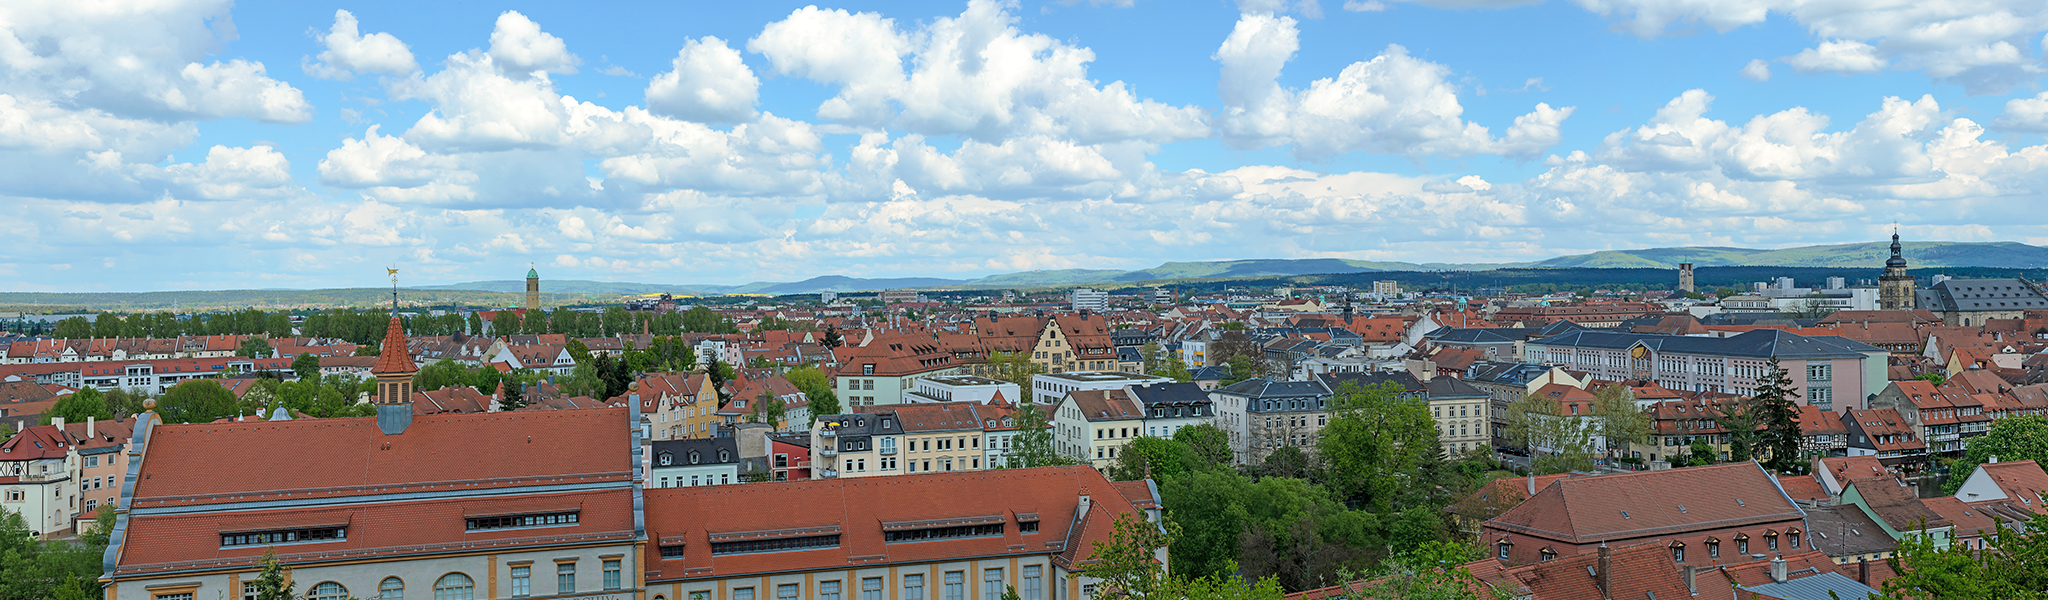 Slider_Bamberg-1